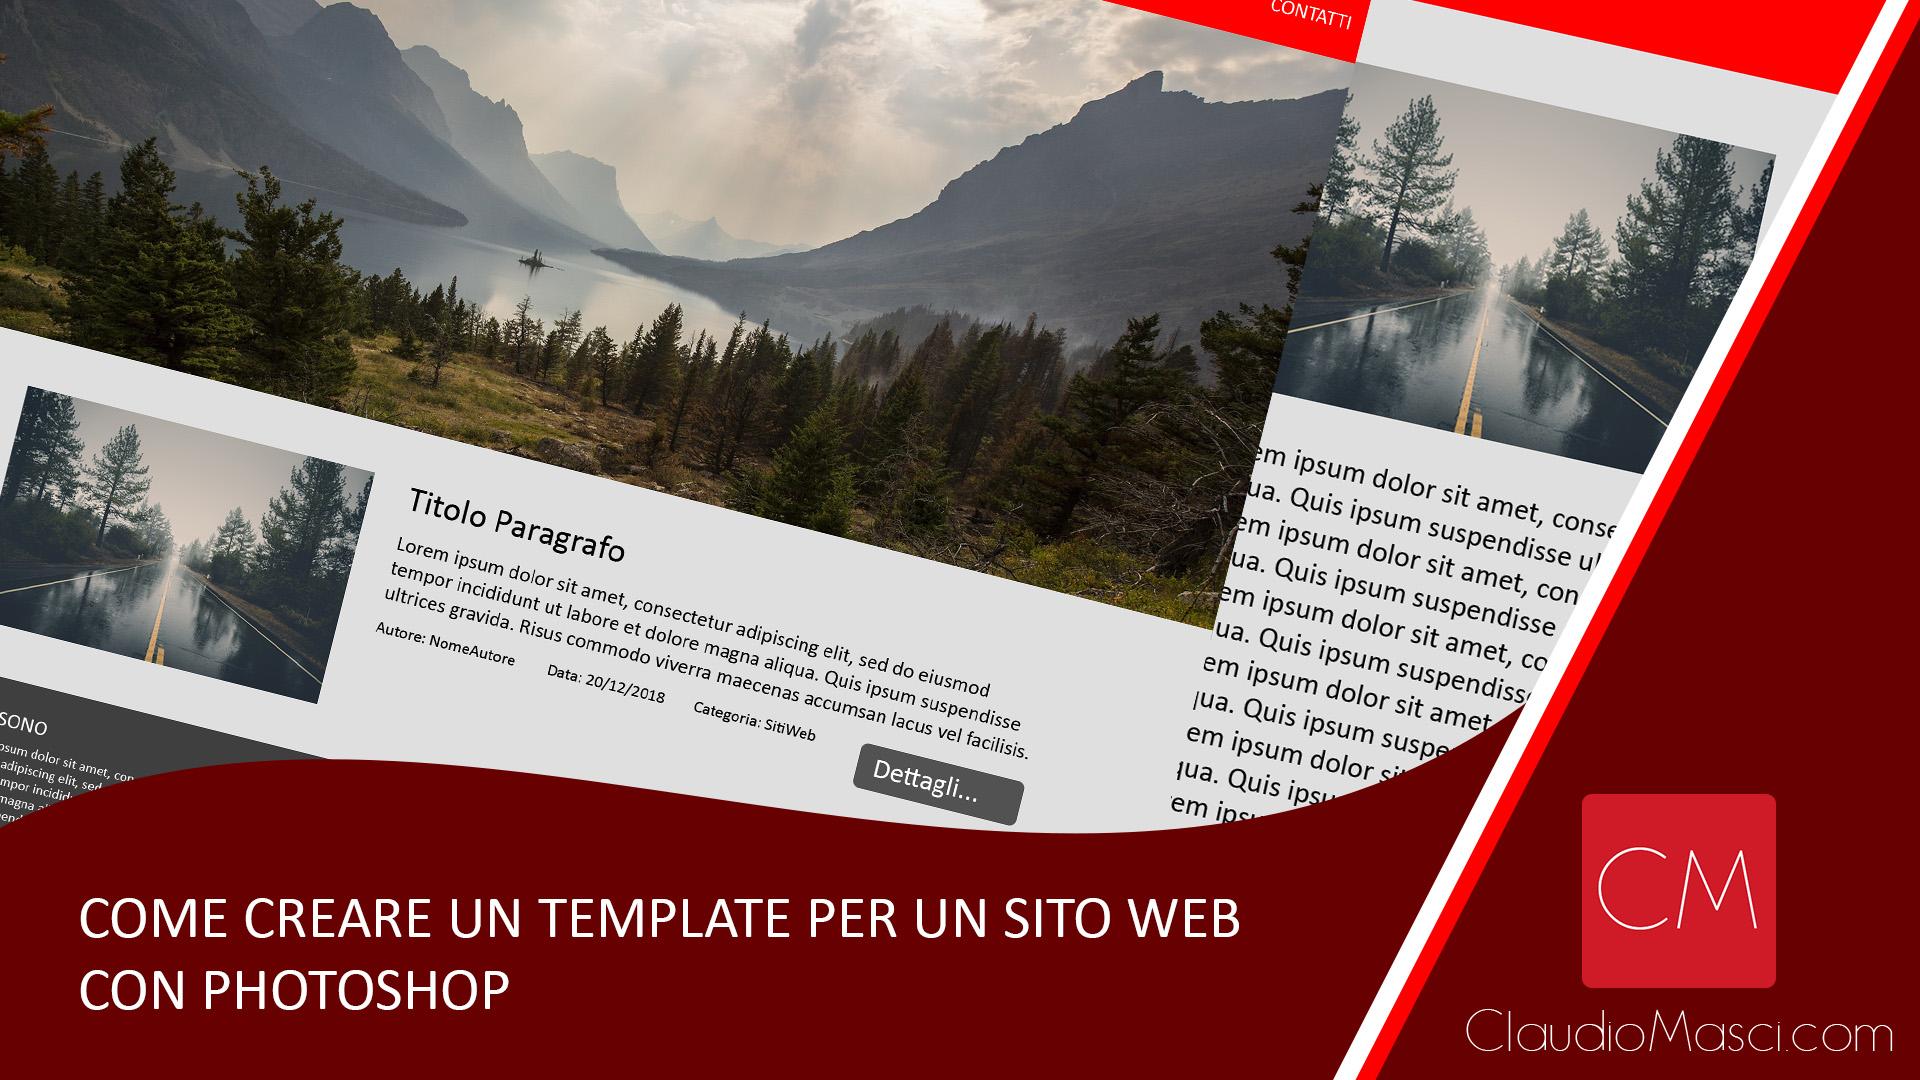 Come creare un template per un sito web con Photoshop